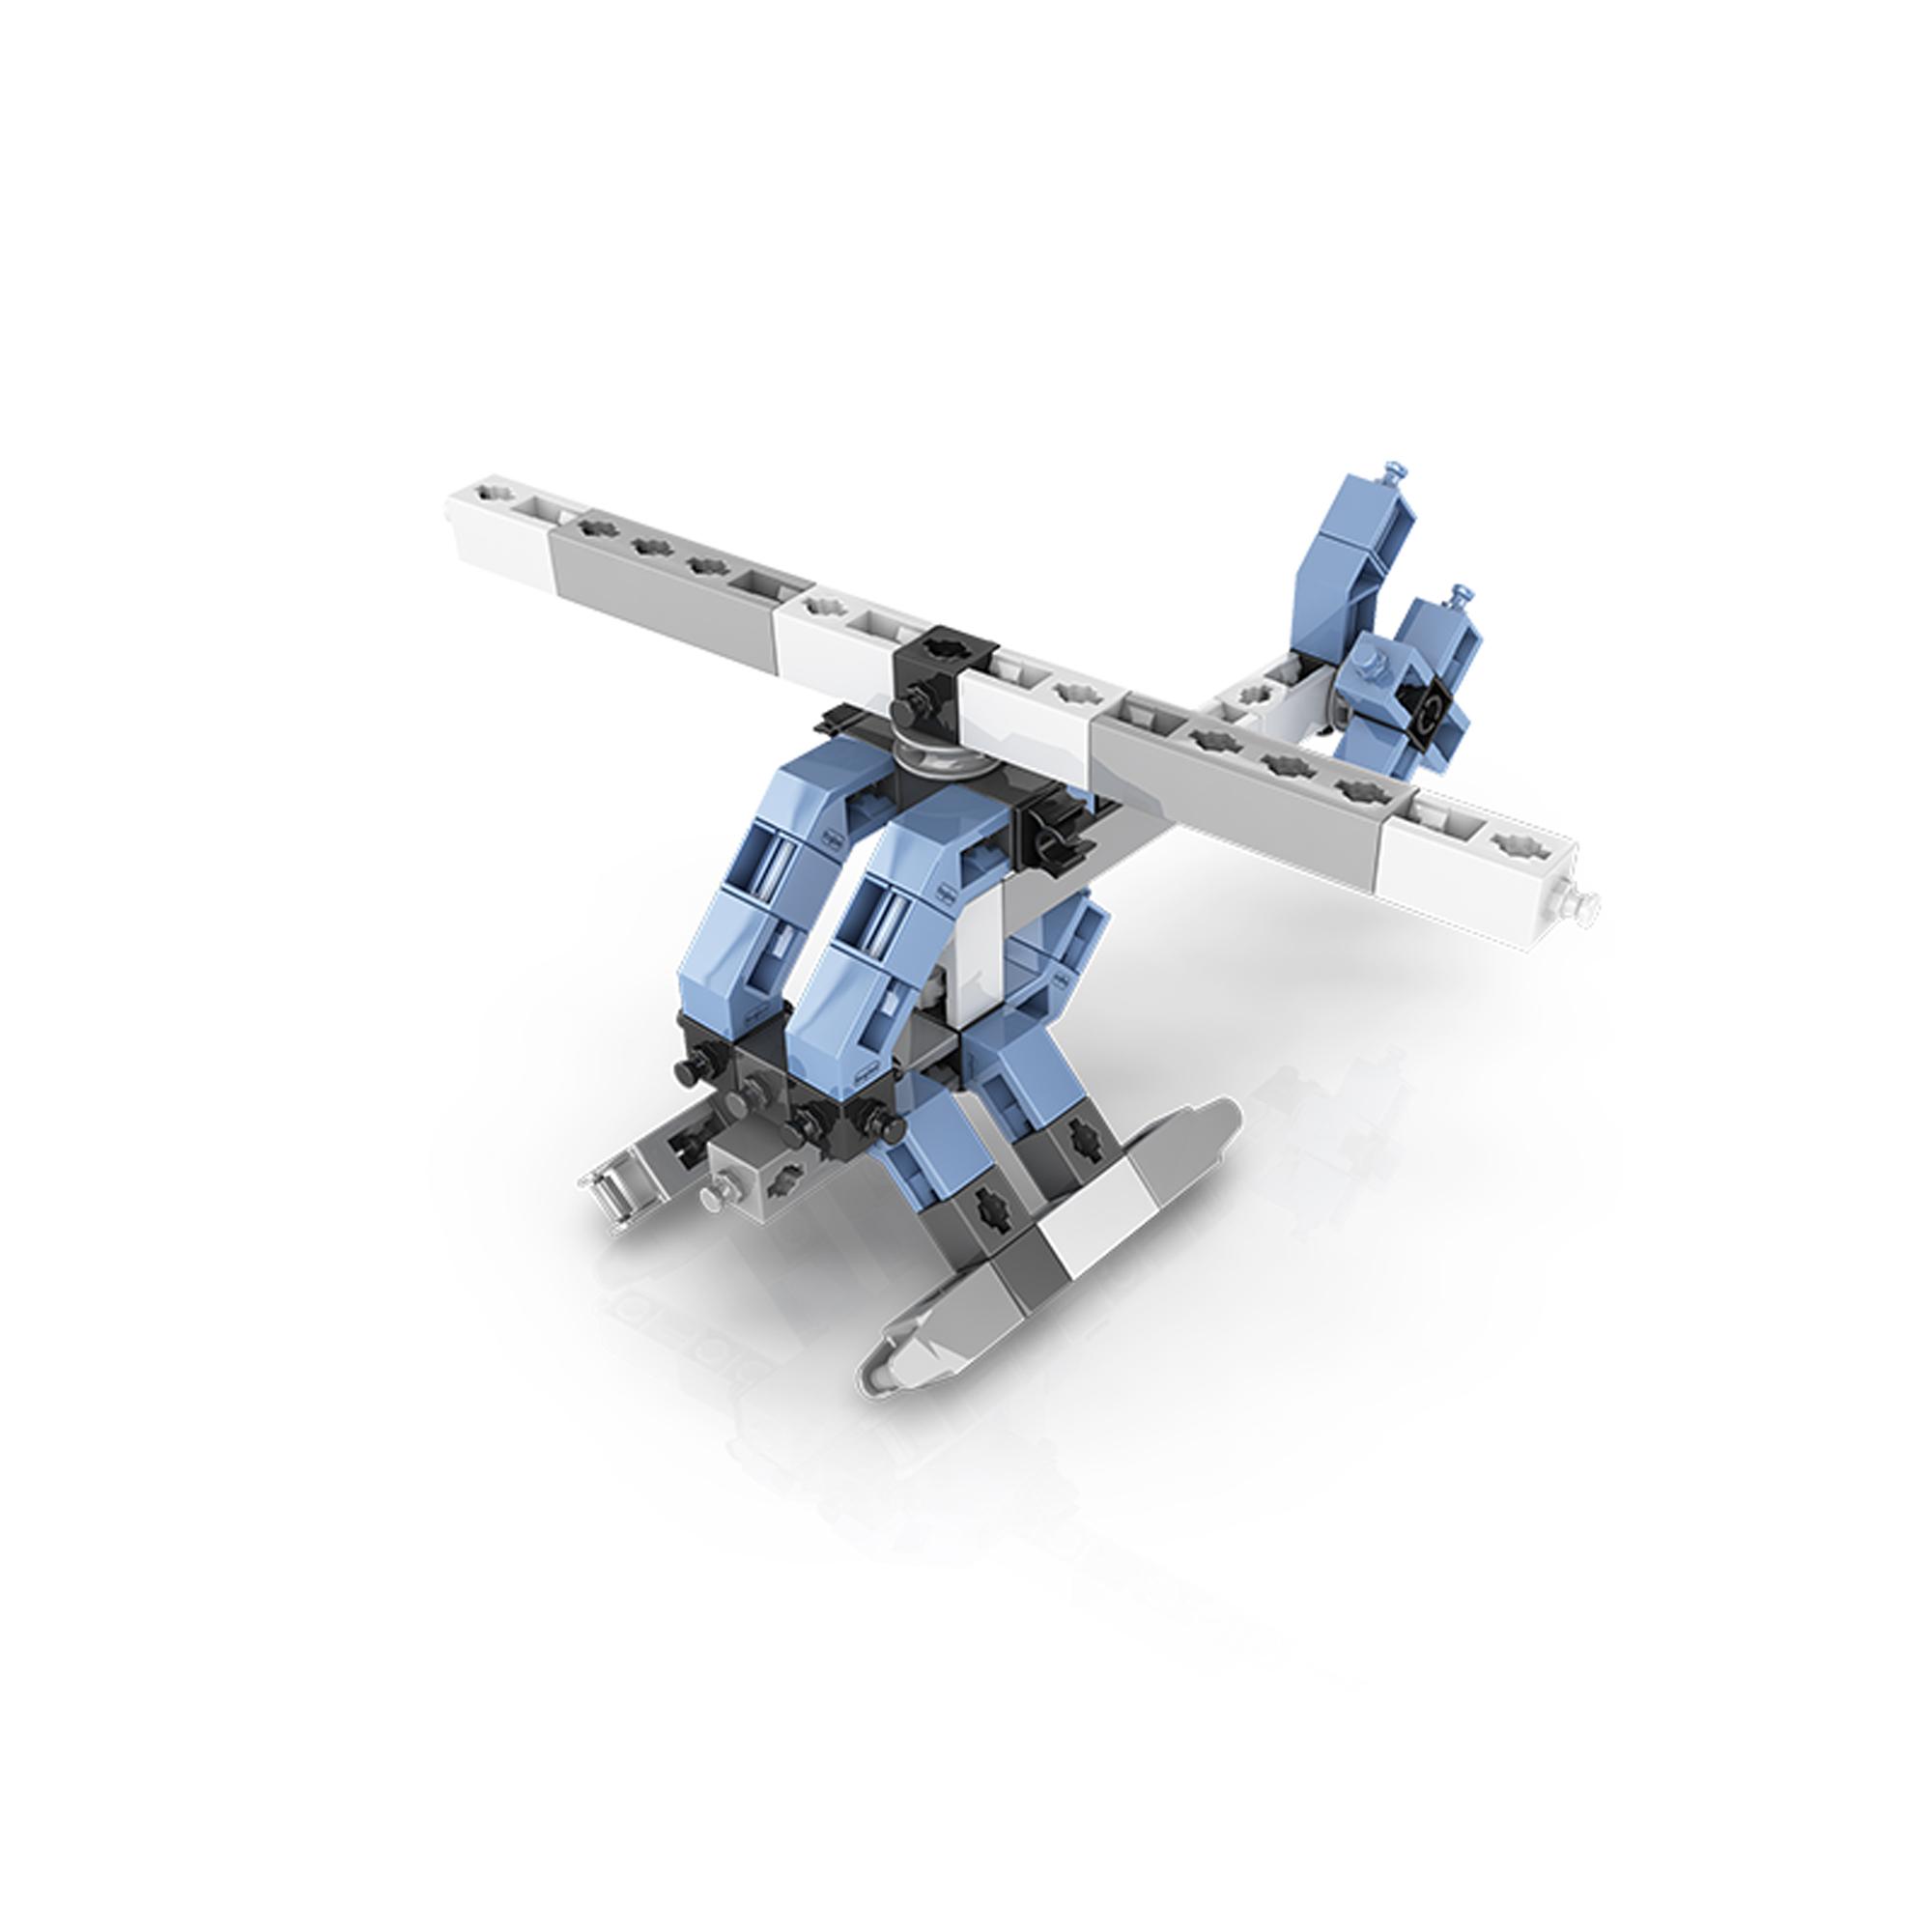 Set de constructie Inventor - 8 modele de aeronave   Engino - 1